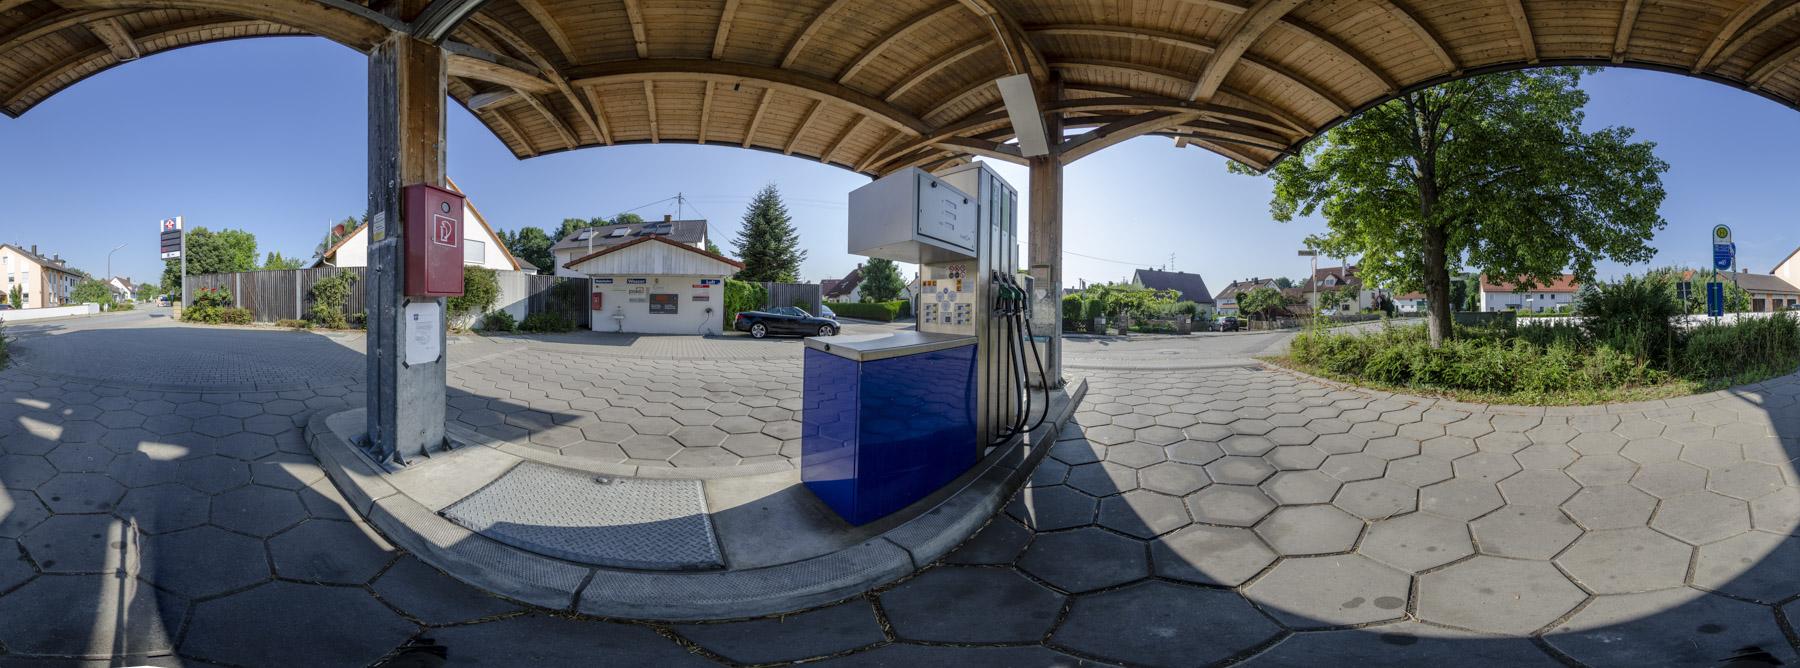 Tankstelle Niederroth 360°